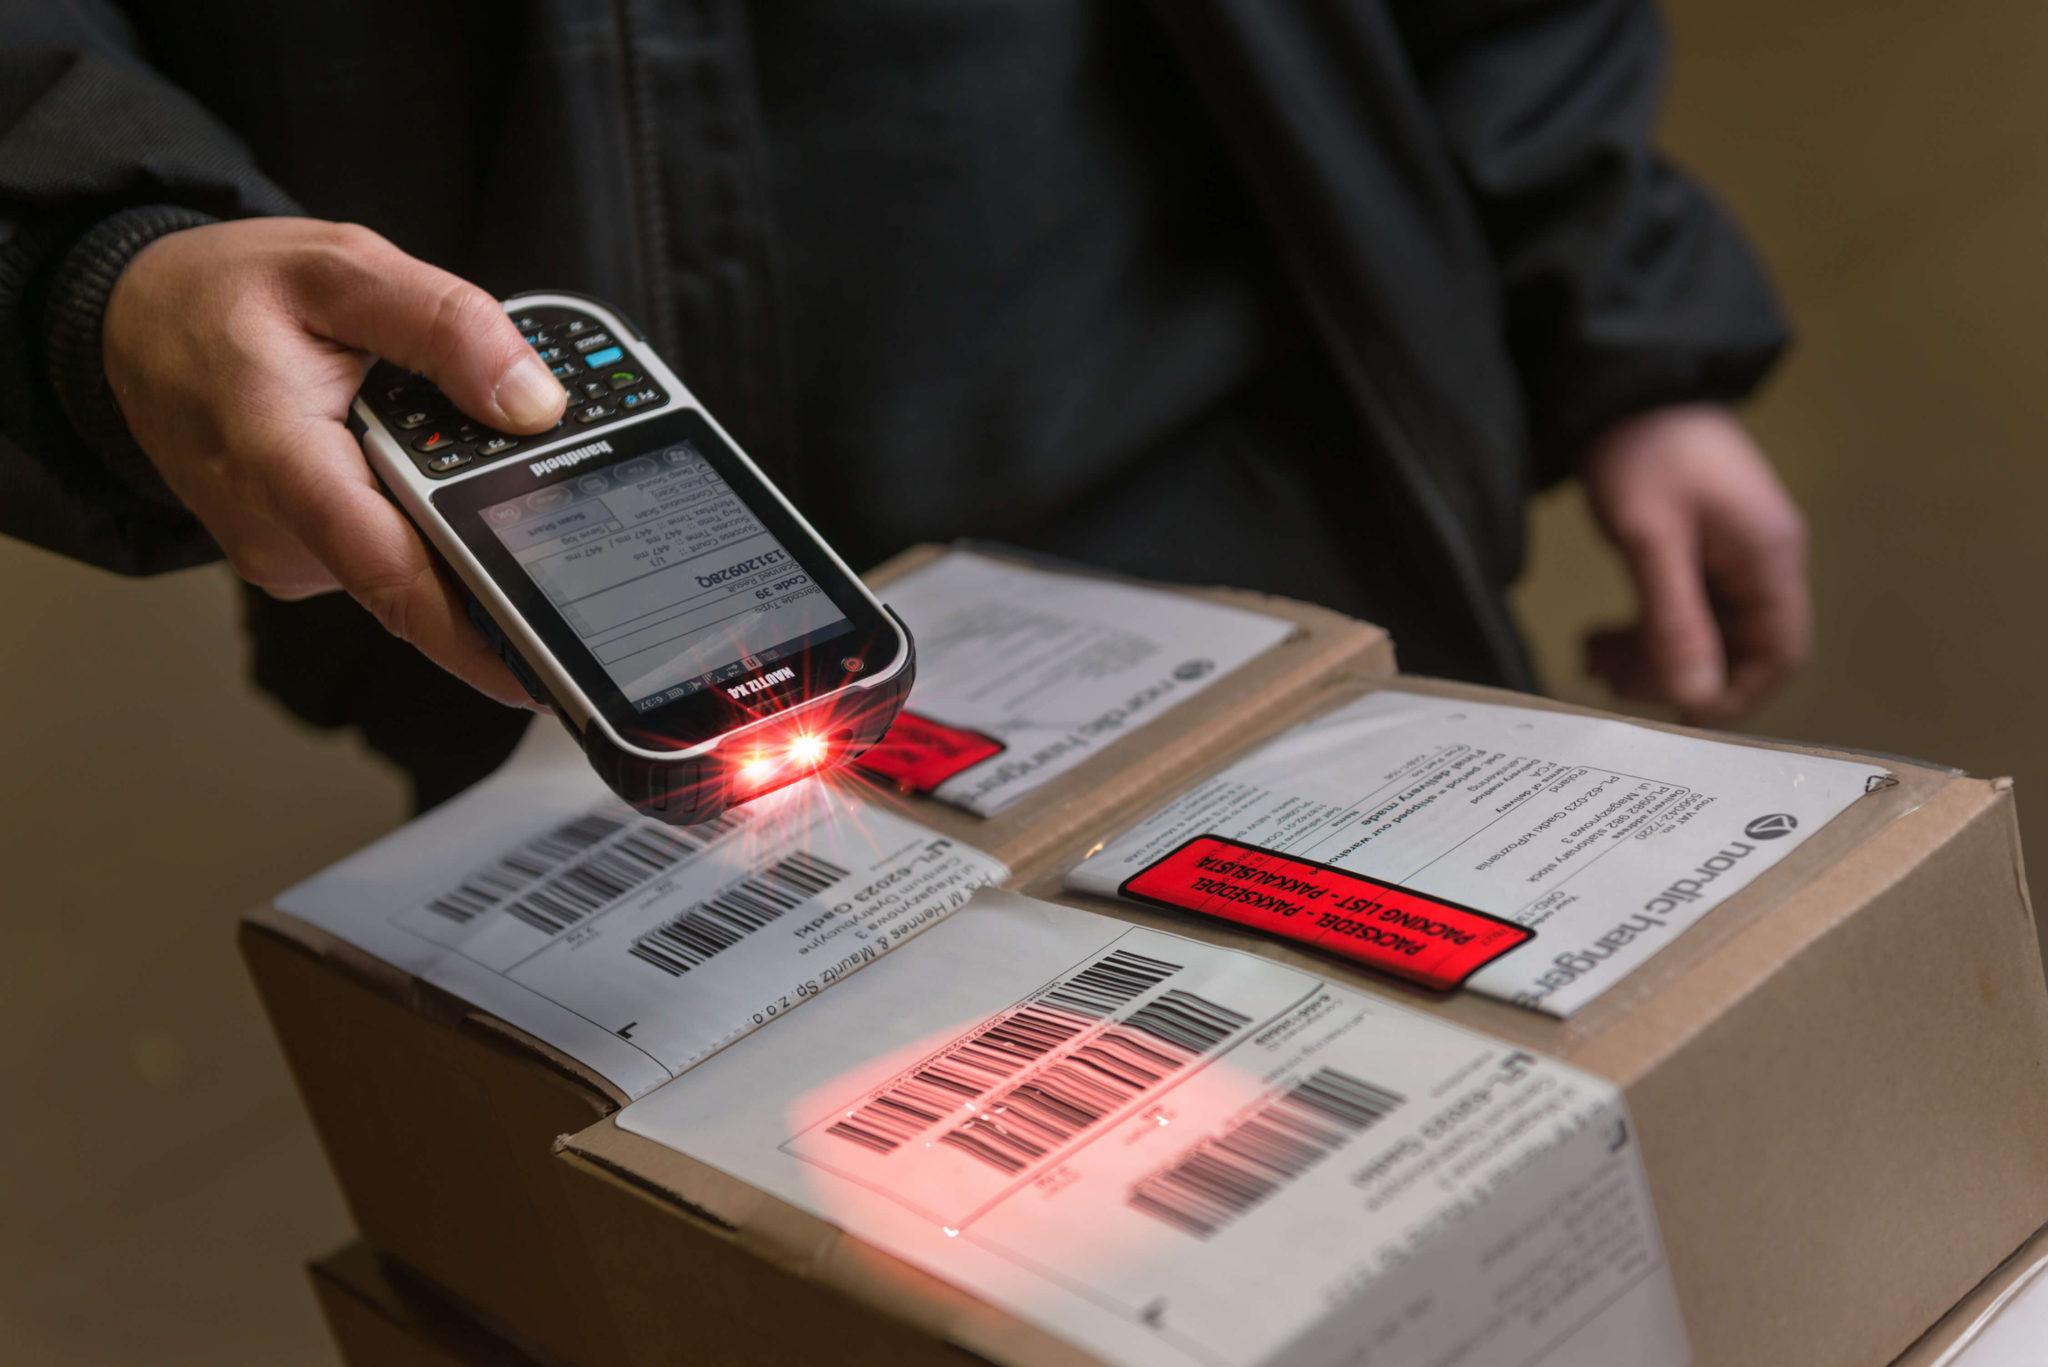 nautiz-x4-handheld-ip65-warehouse-scanner